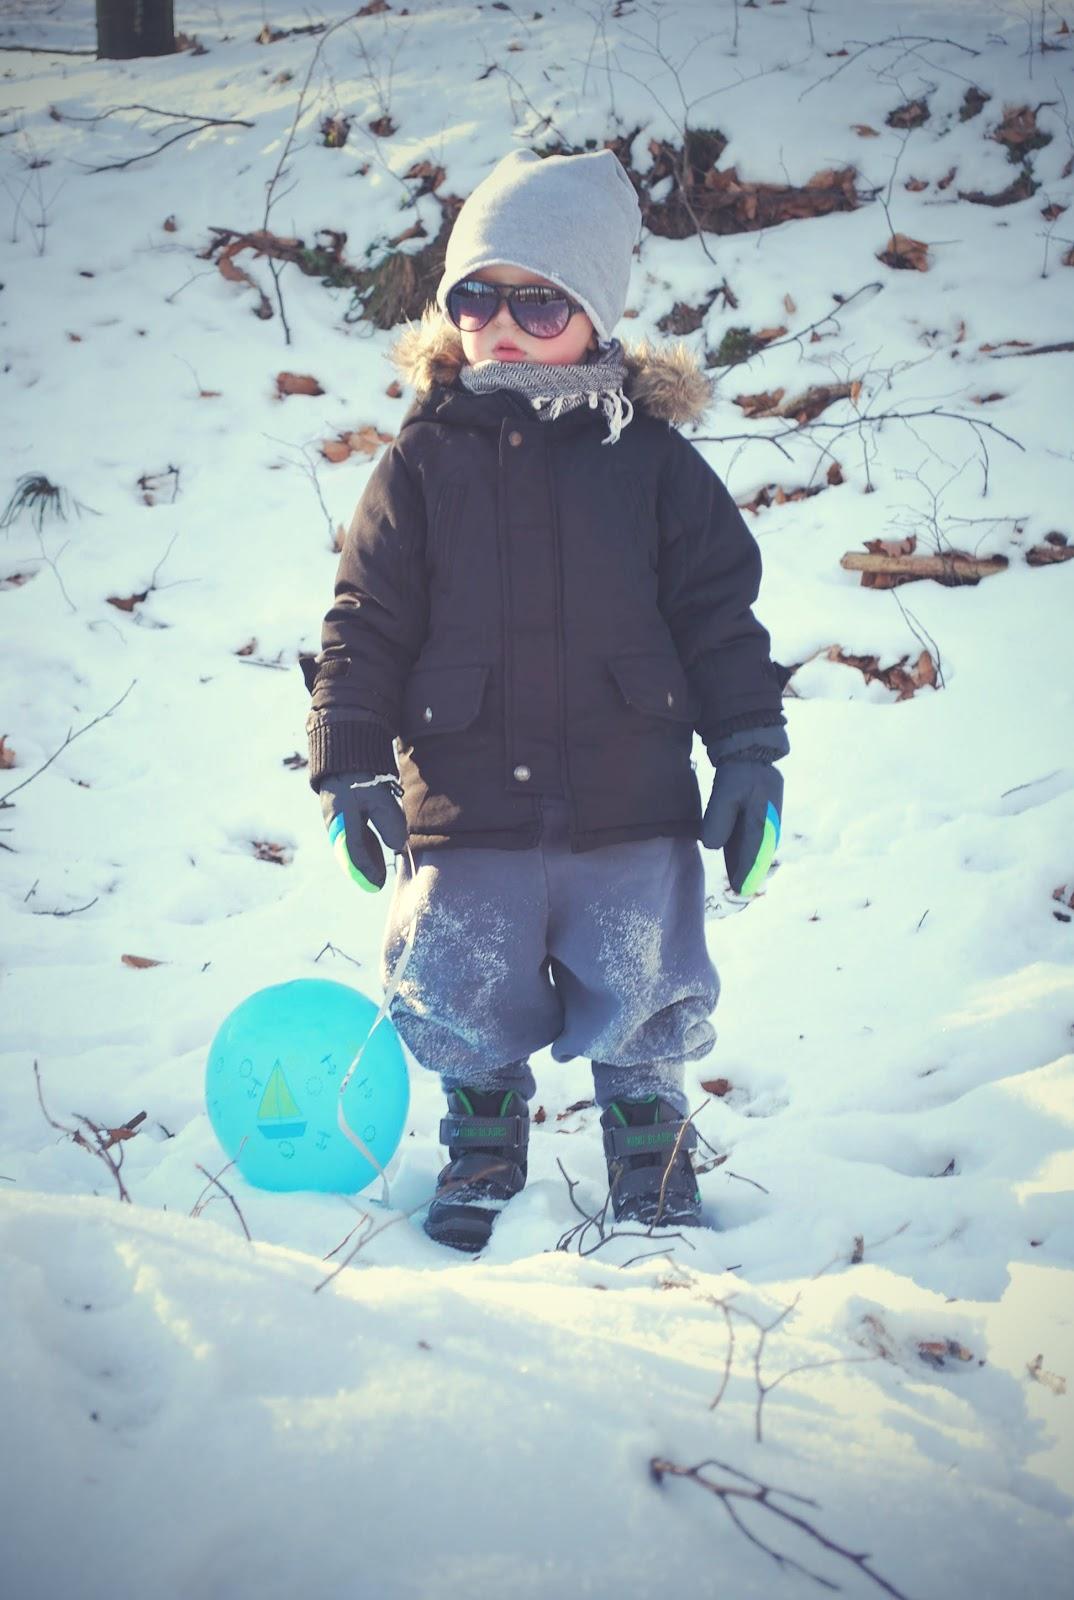 małe wilczki na śniagu,dzieci na śniegu, flawless, czapka dresowa, czapka futrzana dla dzieci, buty zimowe dla dzieci z lidla, buty lupilu na zimę, okulary przeciwsłoneczne dla dzieci, pepco, taxtil market